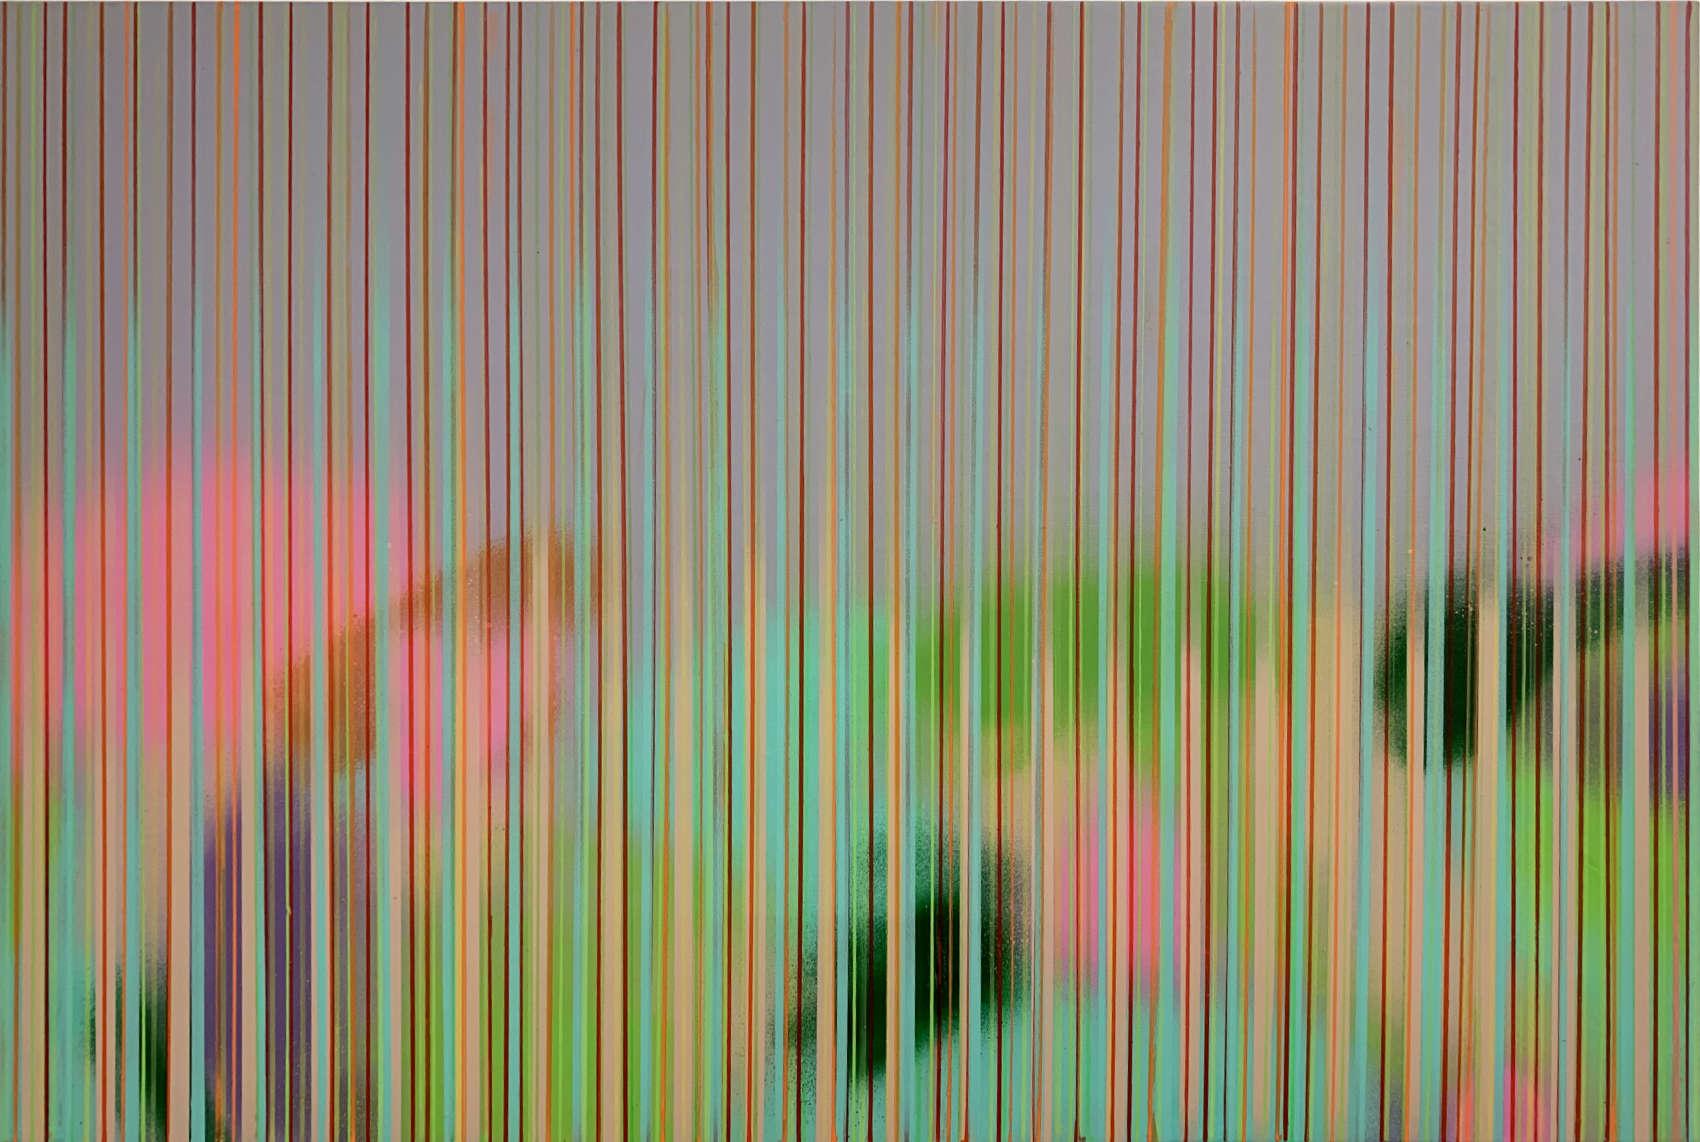 Sans titre, 2018, peinture acrylique sur bois, 40 x 60 cm